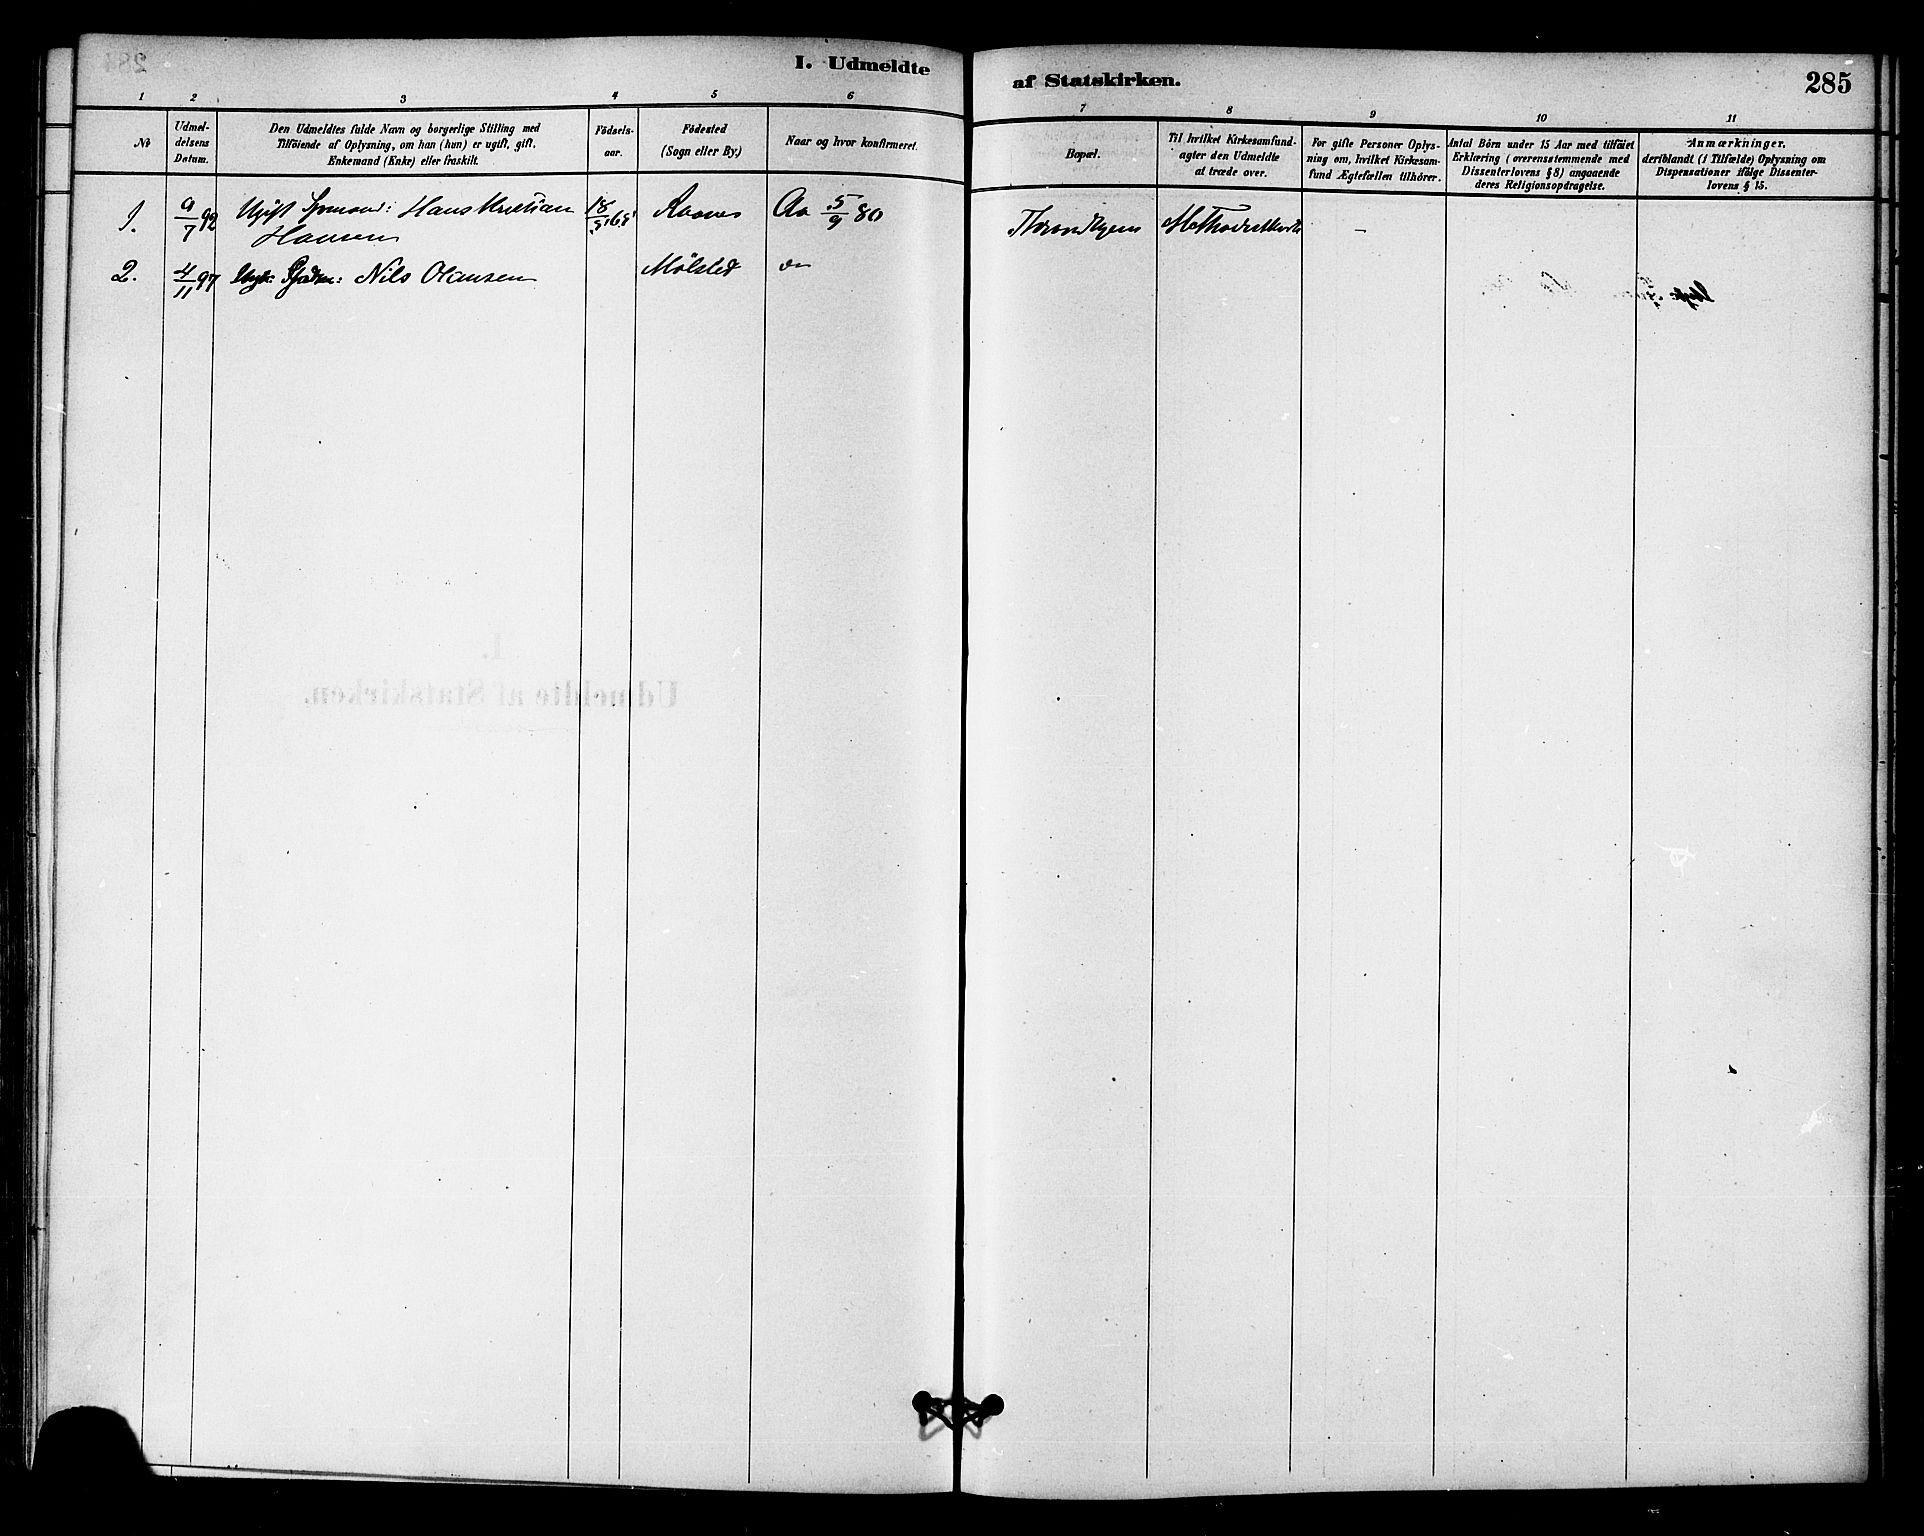 SAT, Ministerialprotokoller, klokkerbøker og fødselsregistre - Sør-Trøndelag, 655/L0680: Ministerialbok nr. 655A09, 1880-1894, s. 285